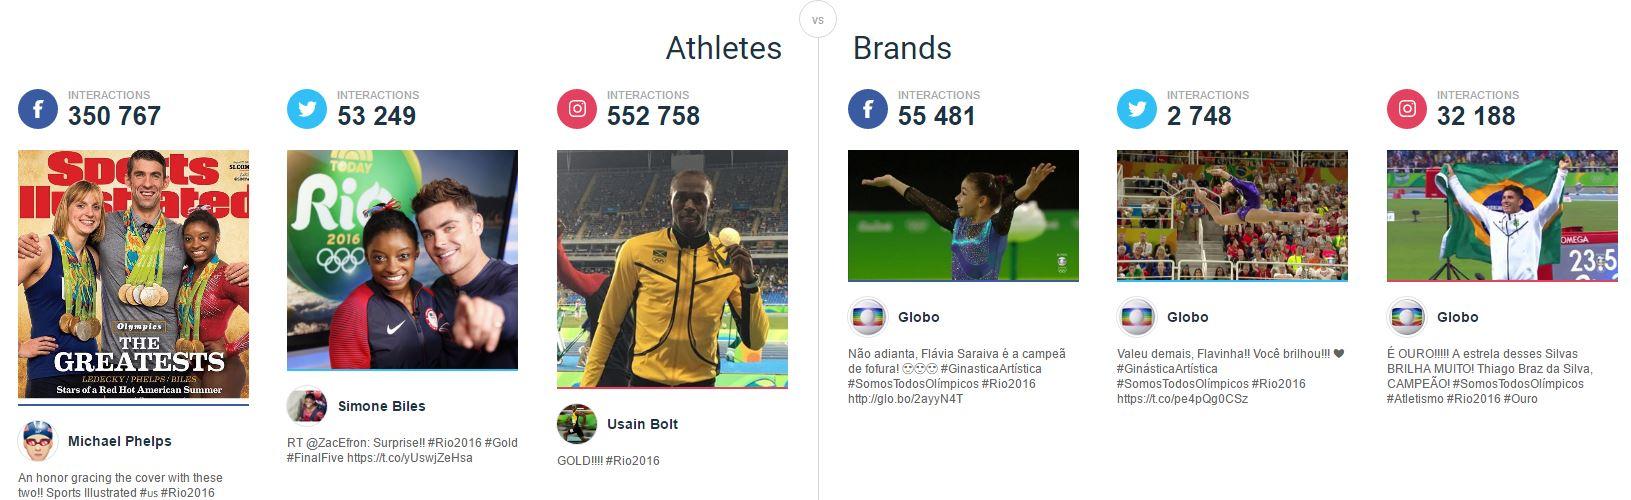 JO 2016 : Quelle est la marque et quel est l'athlète le plus plébiscité sur les réseaux sociaux?